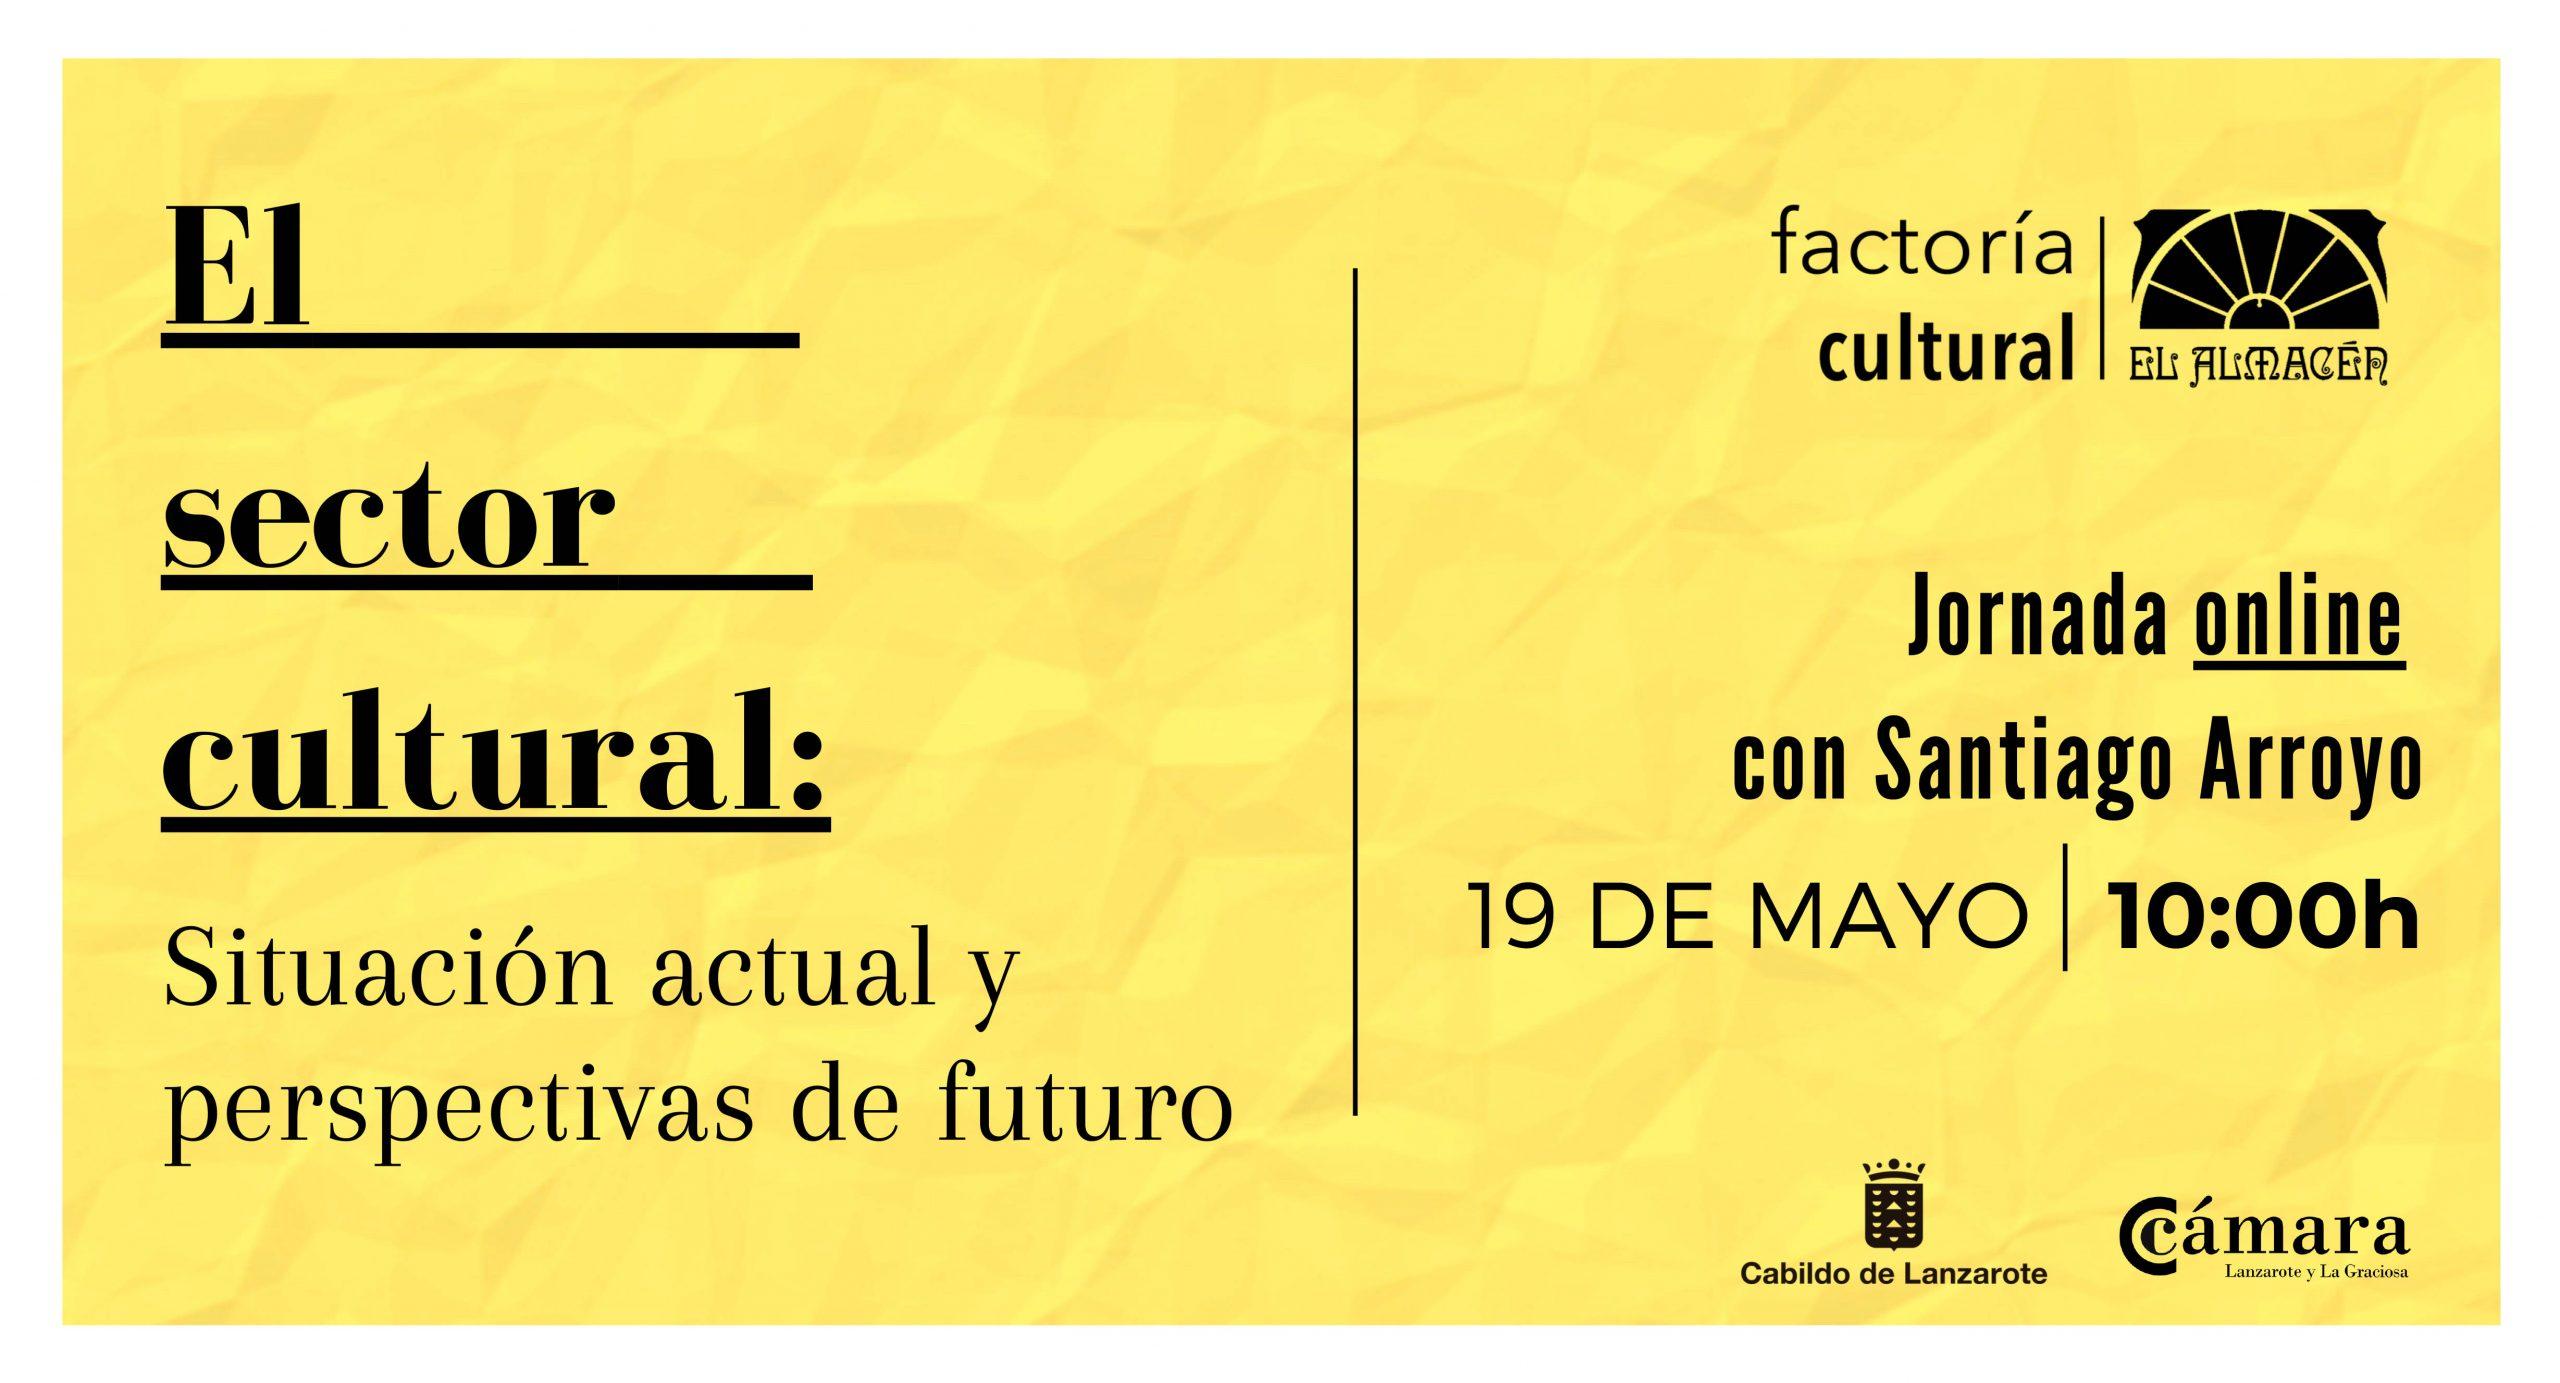 La Factoría Cultural El Almacén imparte un webinar sobre líneas de ayuda disponibles para las empresas culturales.